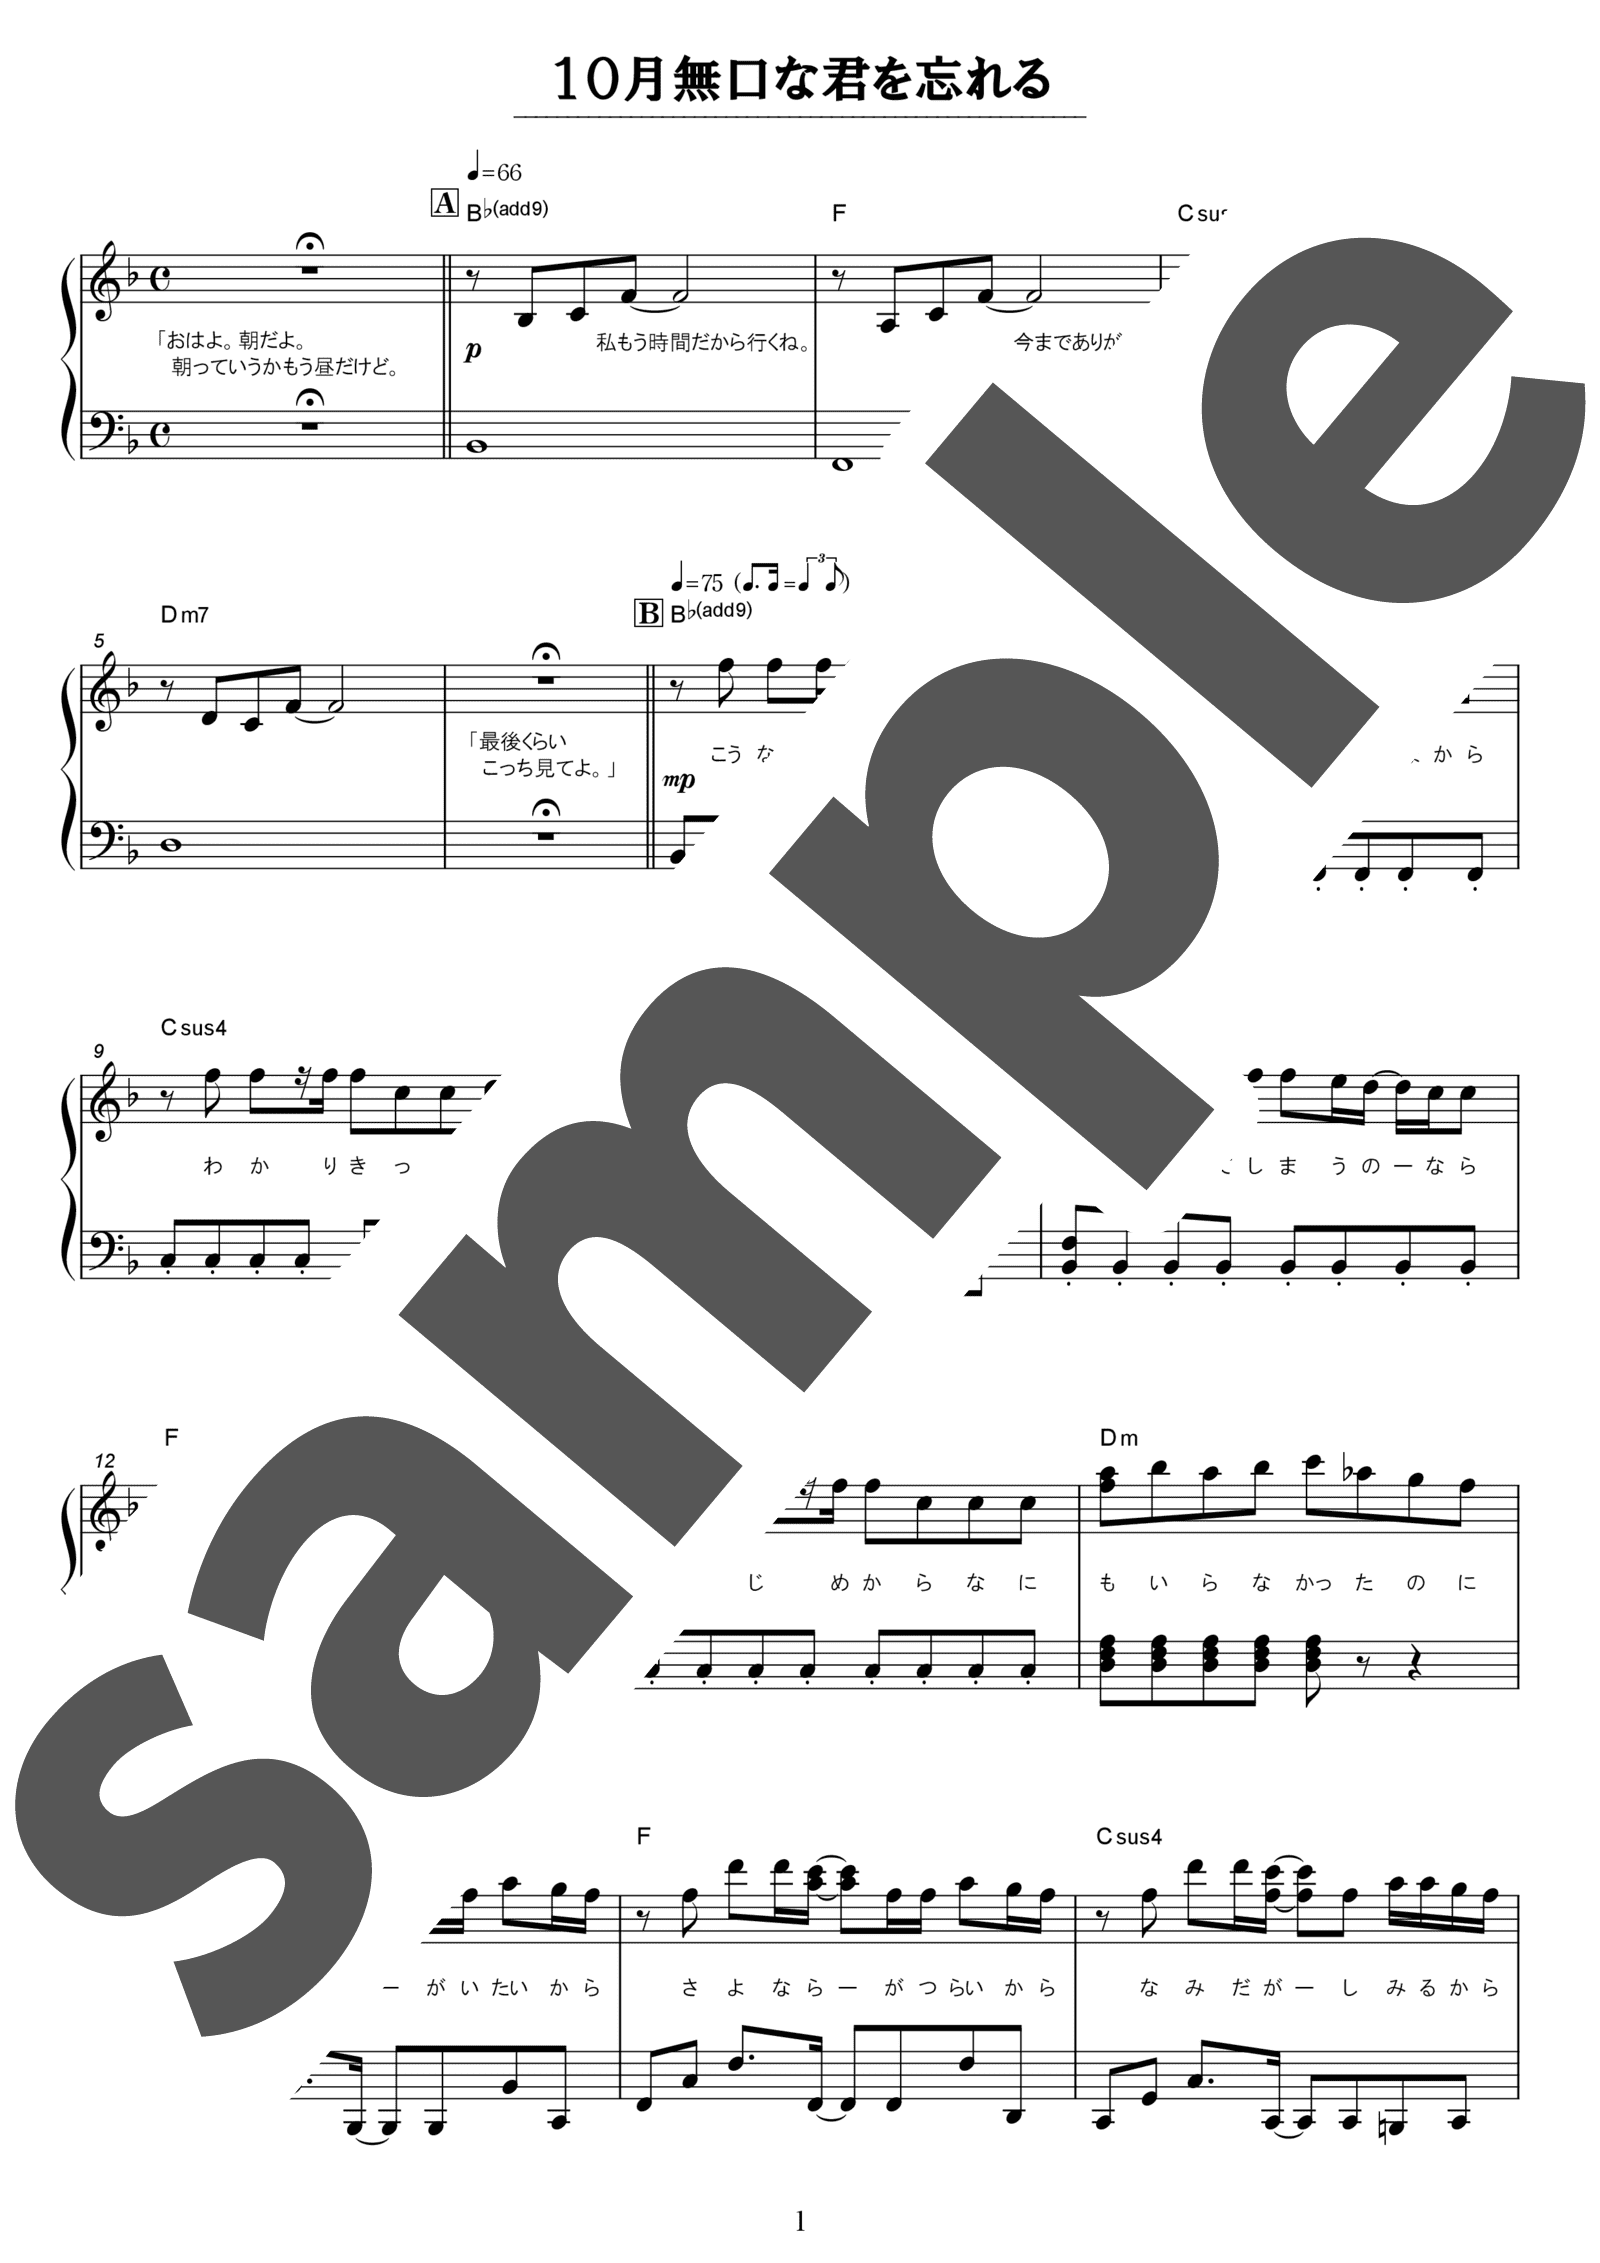 「10月無口な君を忘れる」のサンプル楽譜